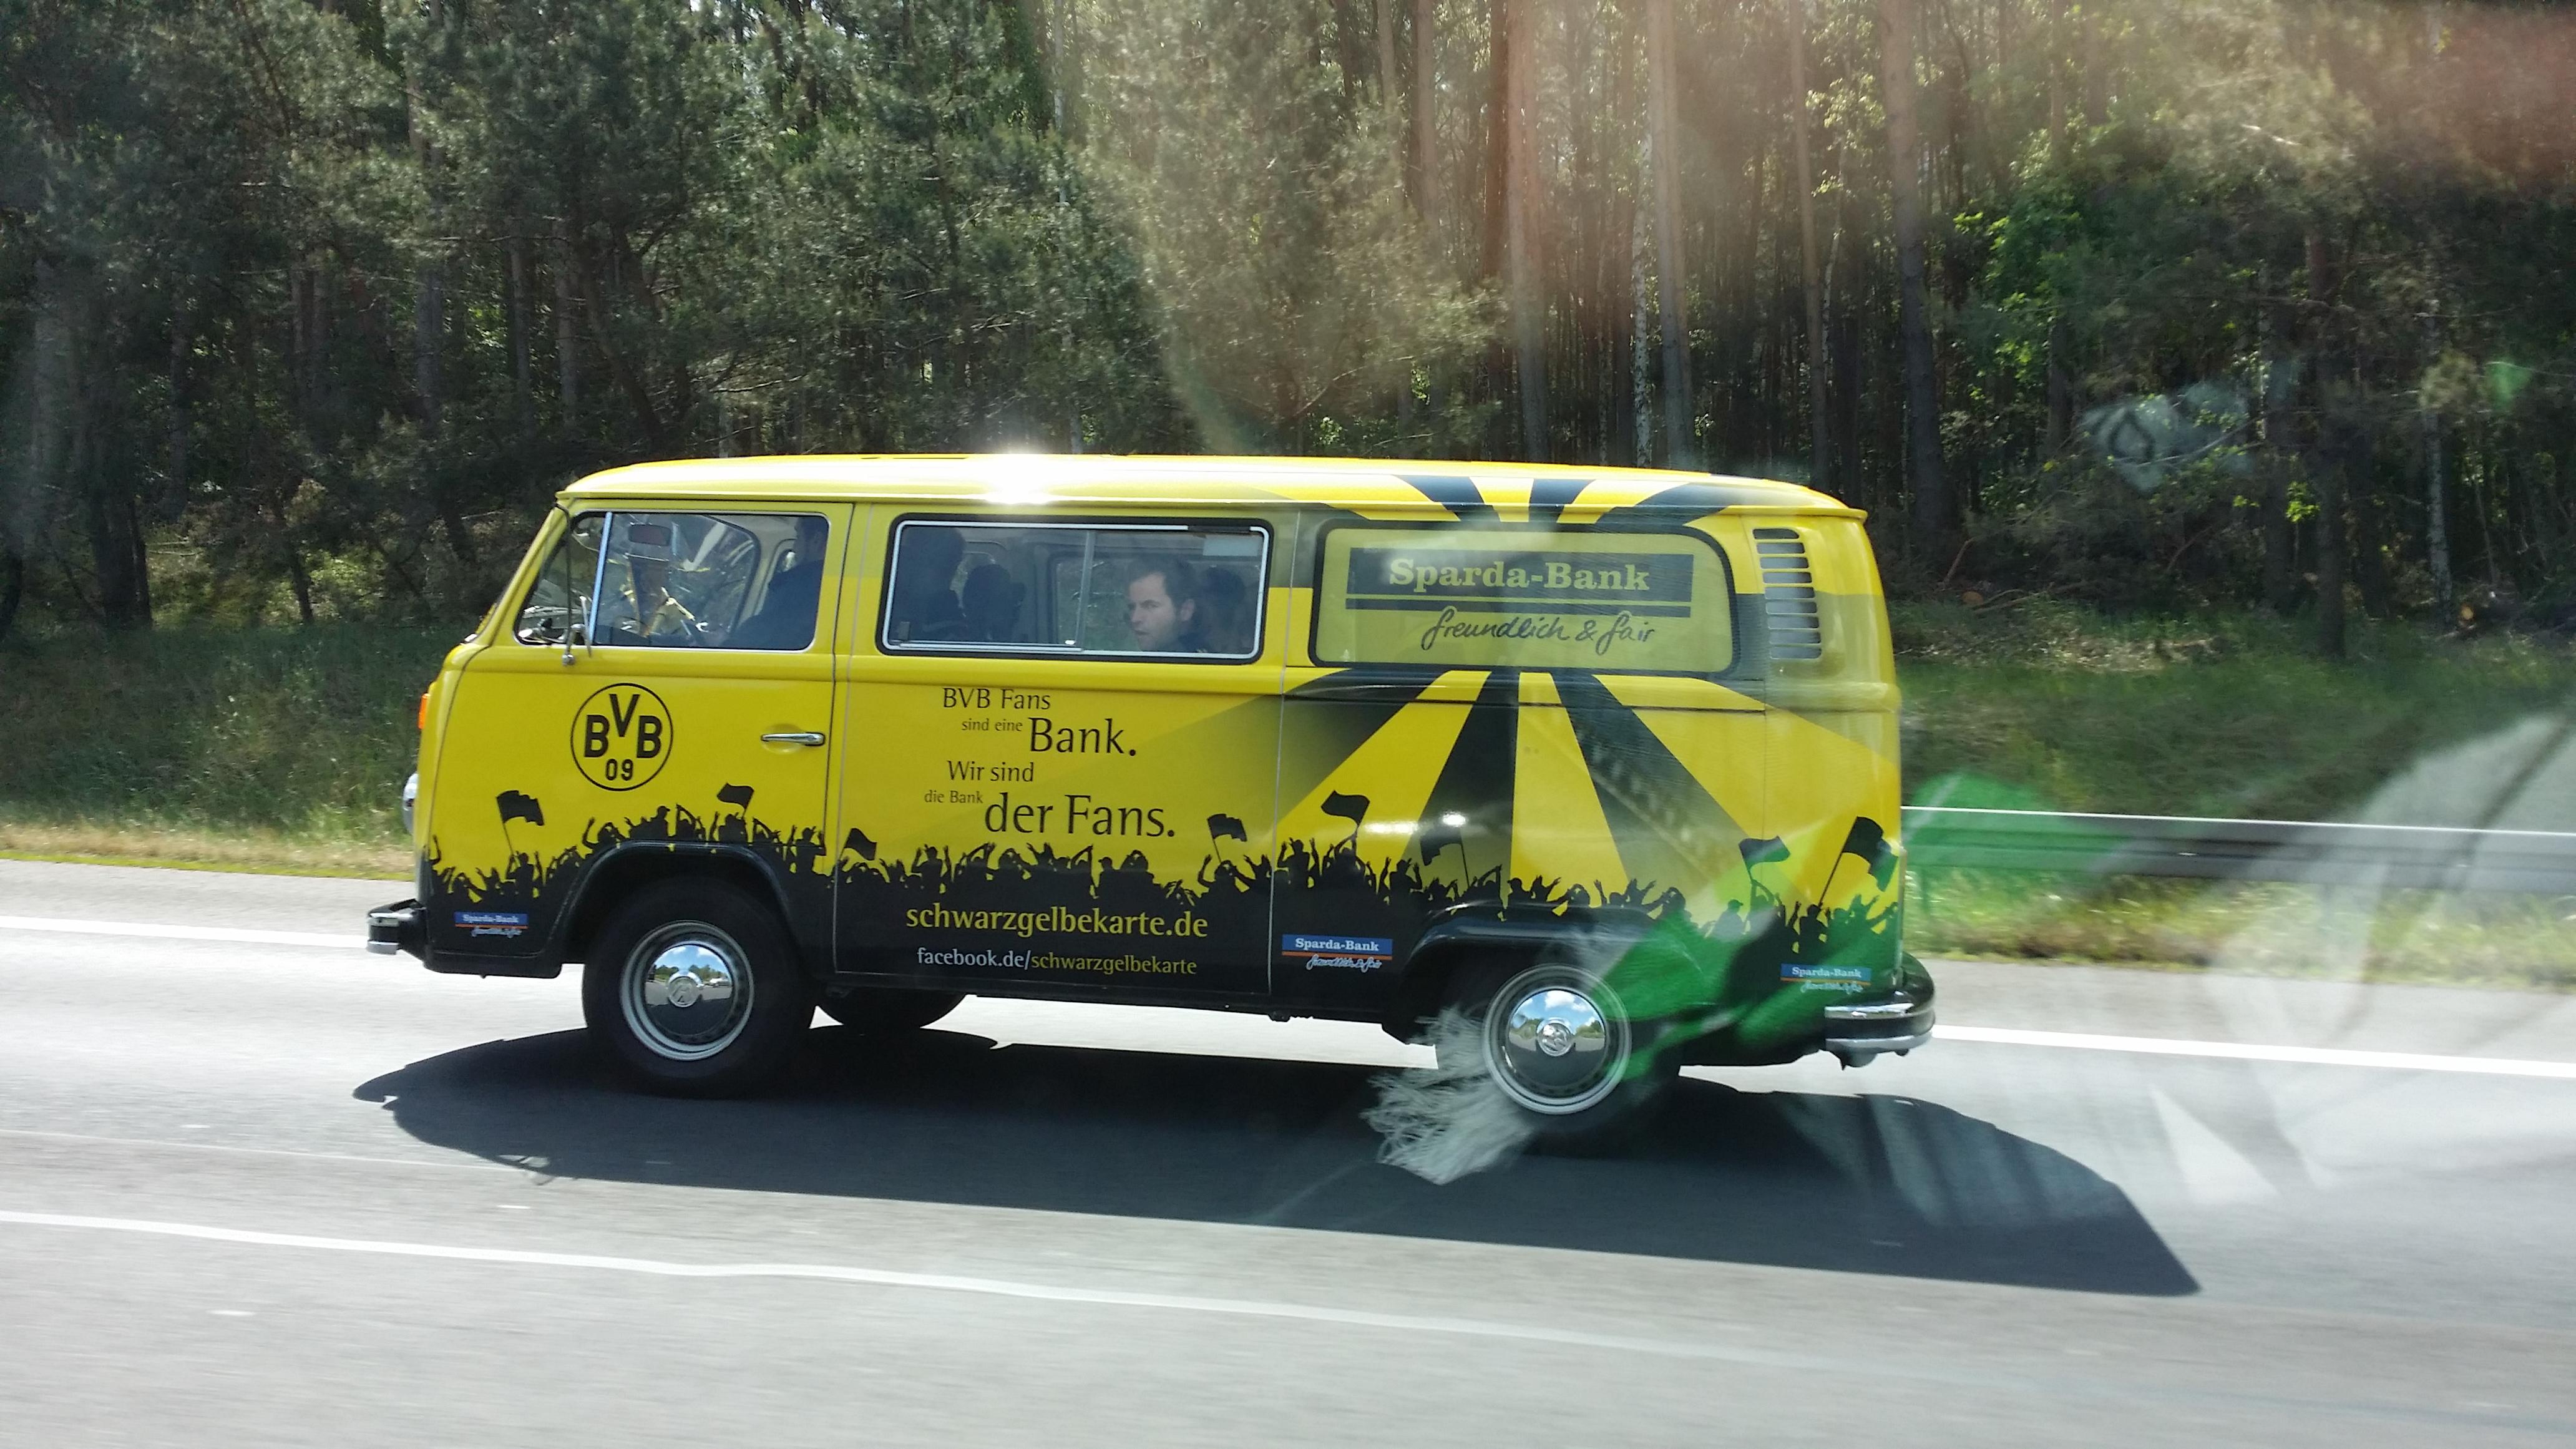 Pokal-Dortmund-BVB-VfL